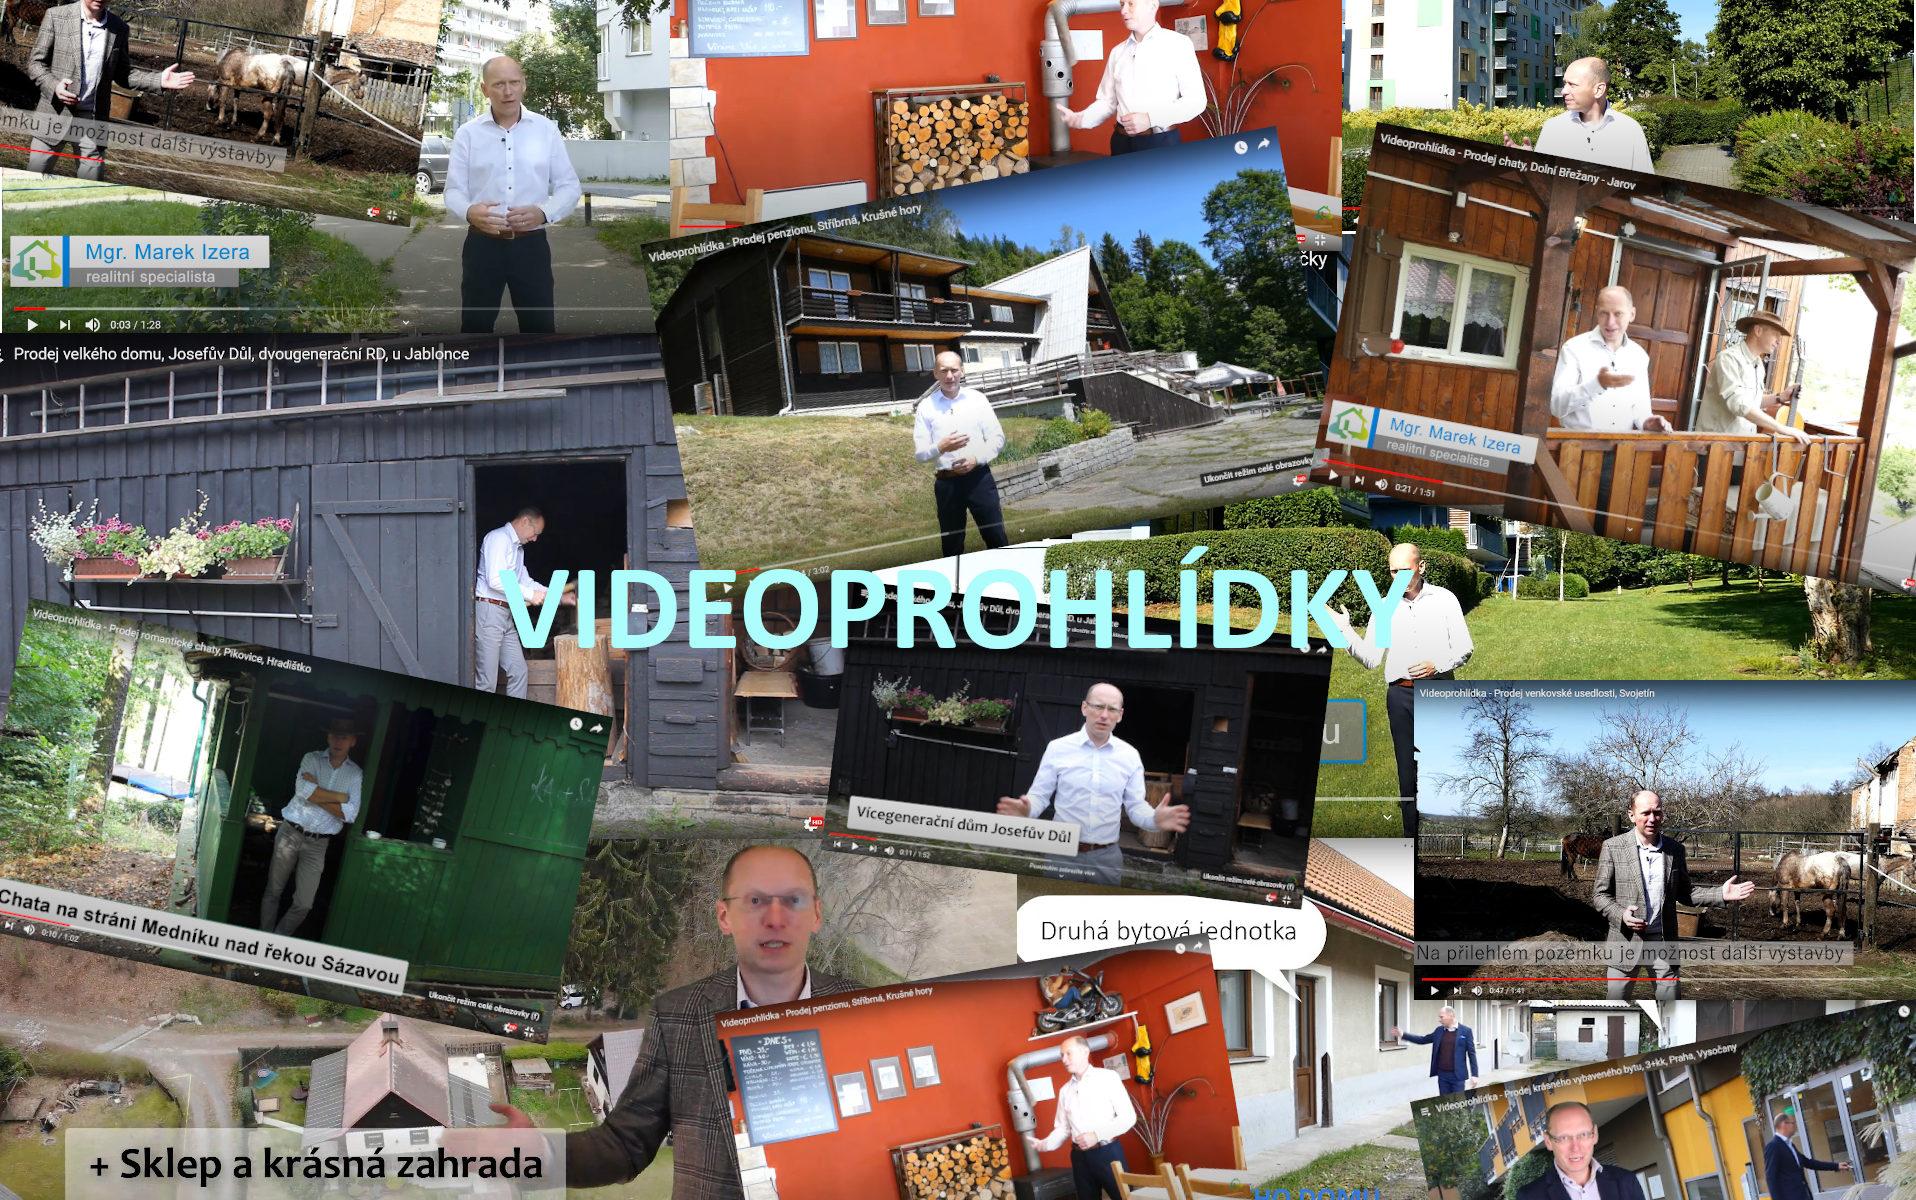 Videoprohlídky